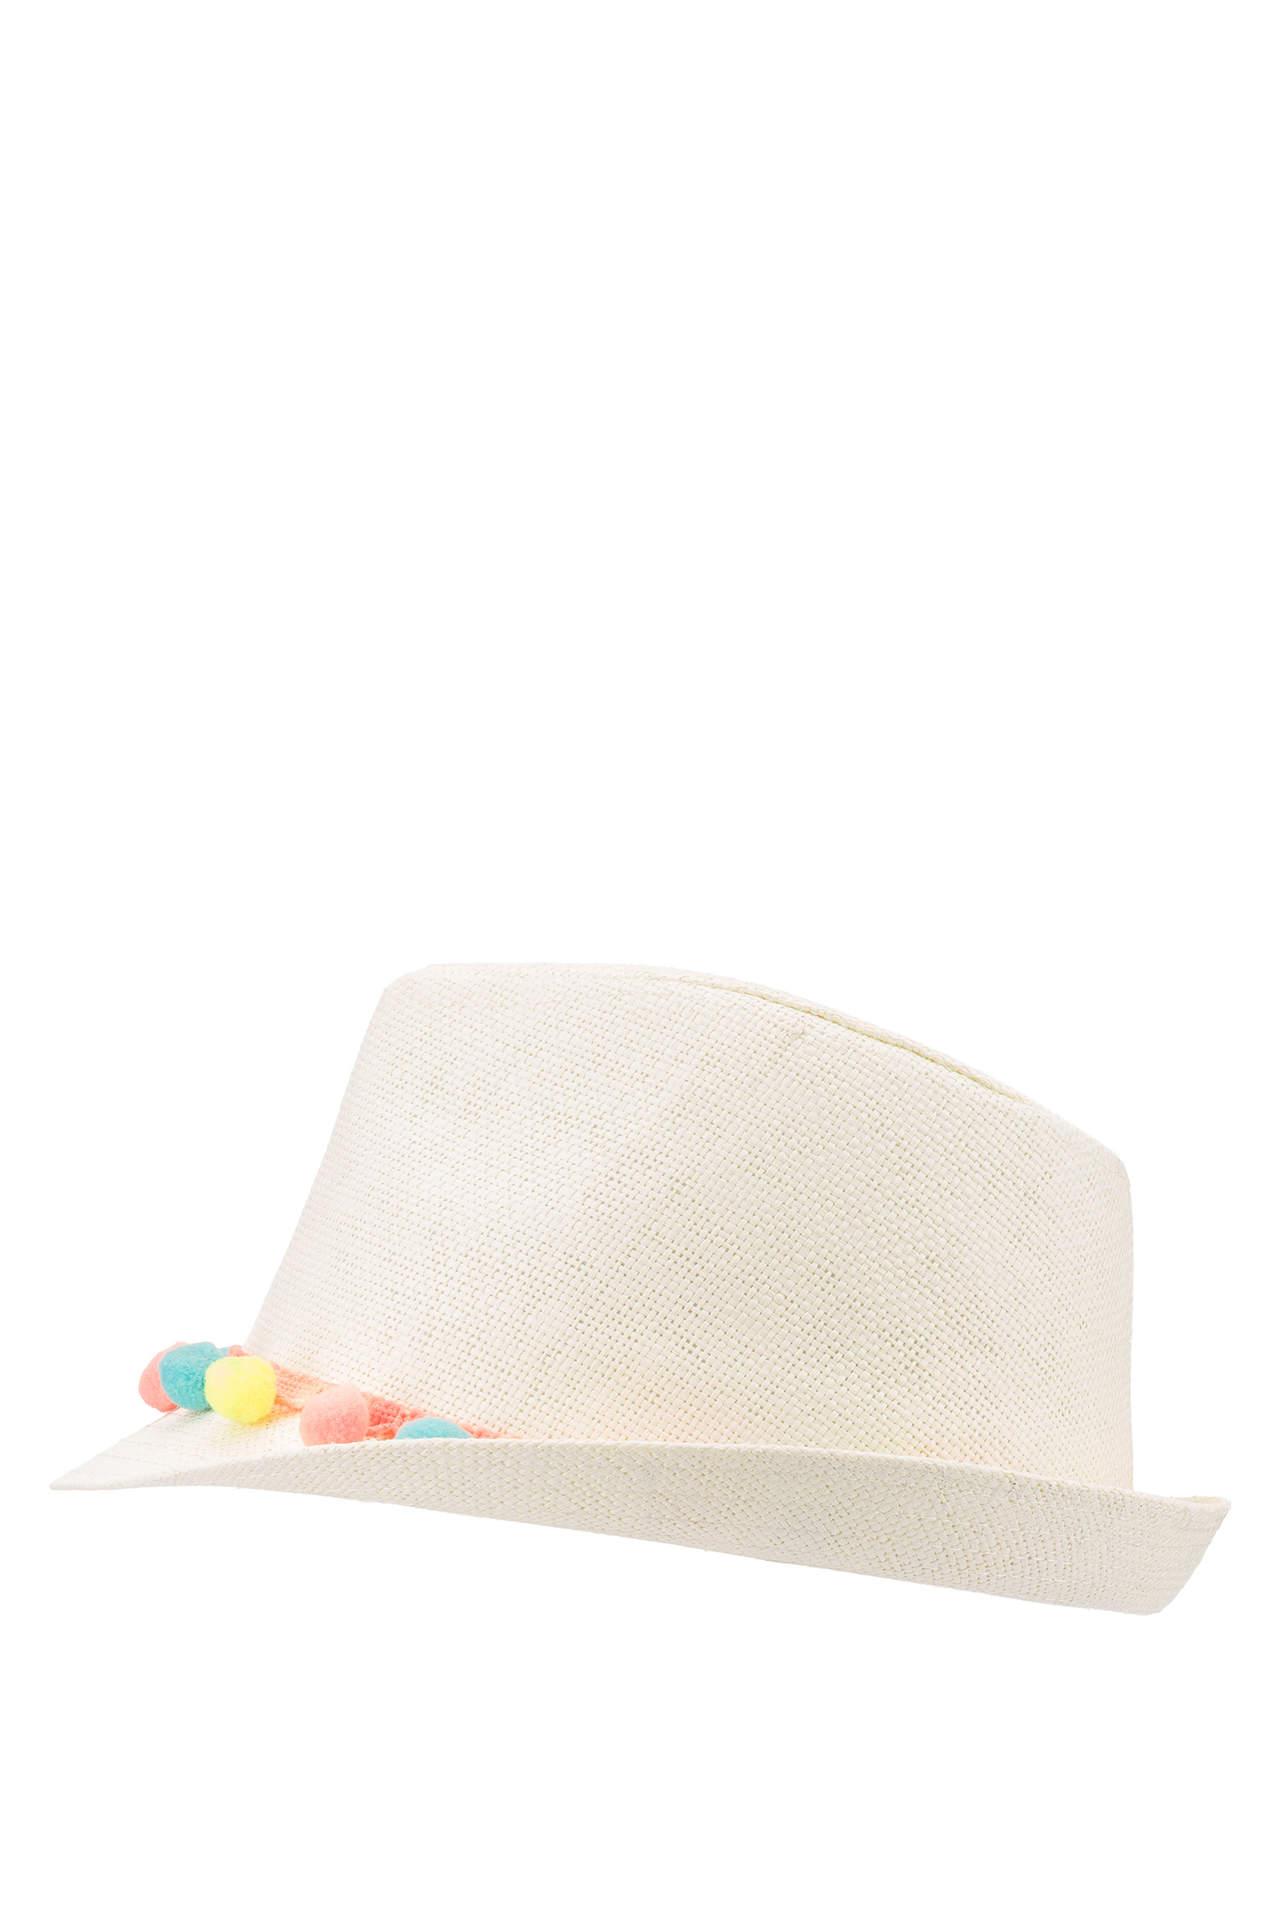 DeFacto Kız Çocuk Hasır Şapka Beyaz female